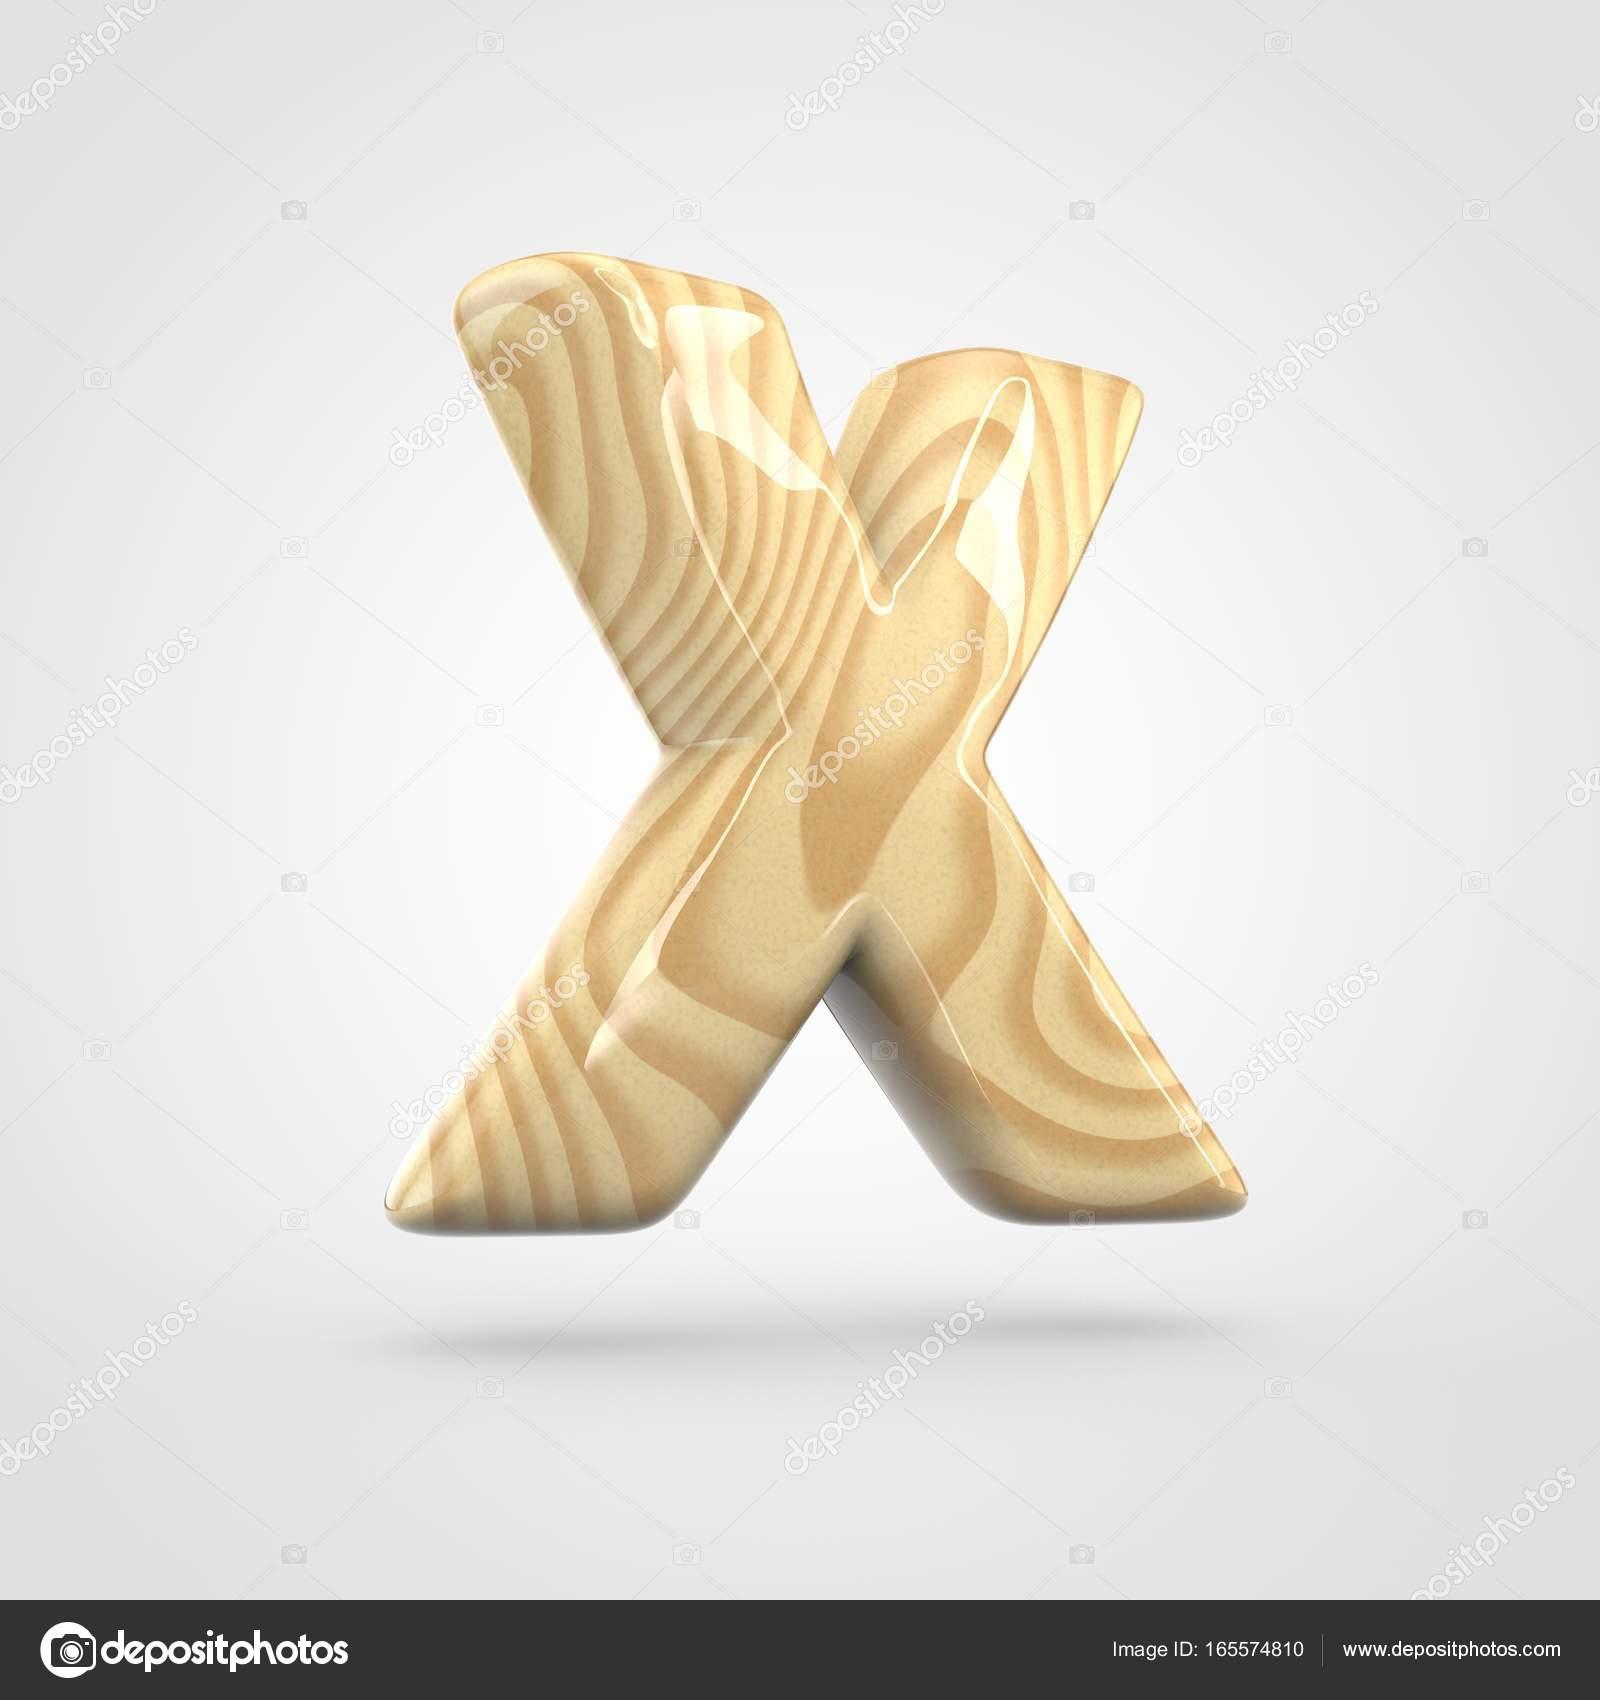 Wielkie Sosny Litera X Zdjęcie Stockowe Whitebarbie 165574810